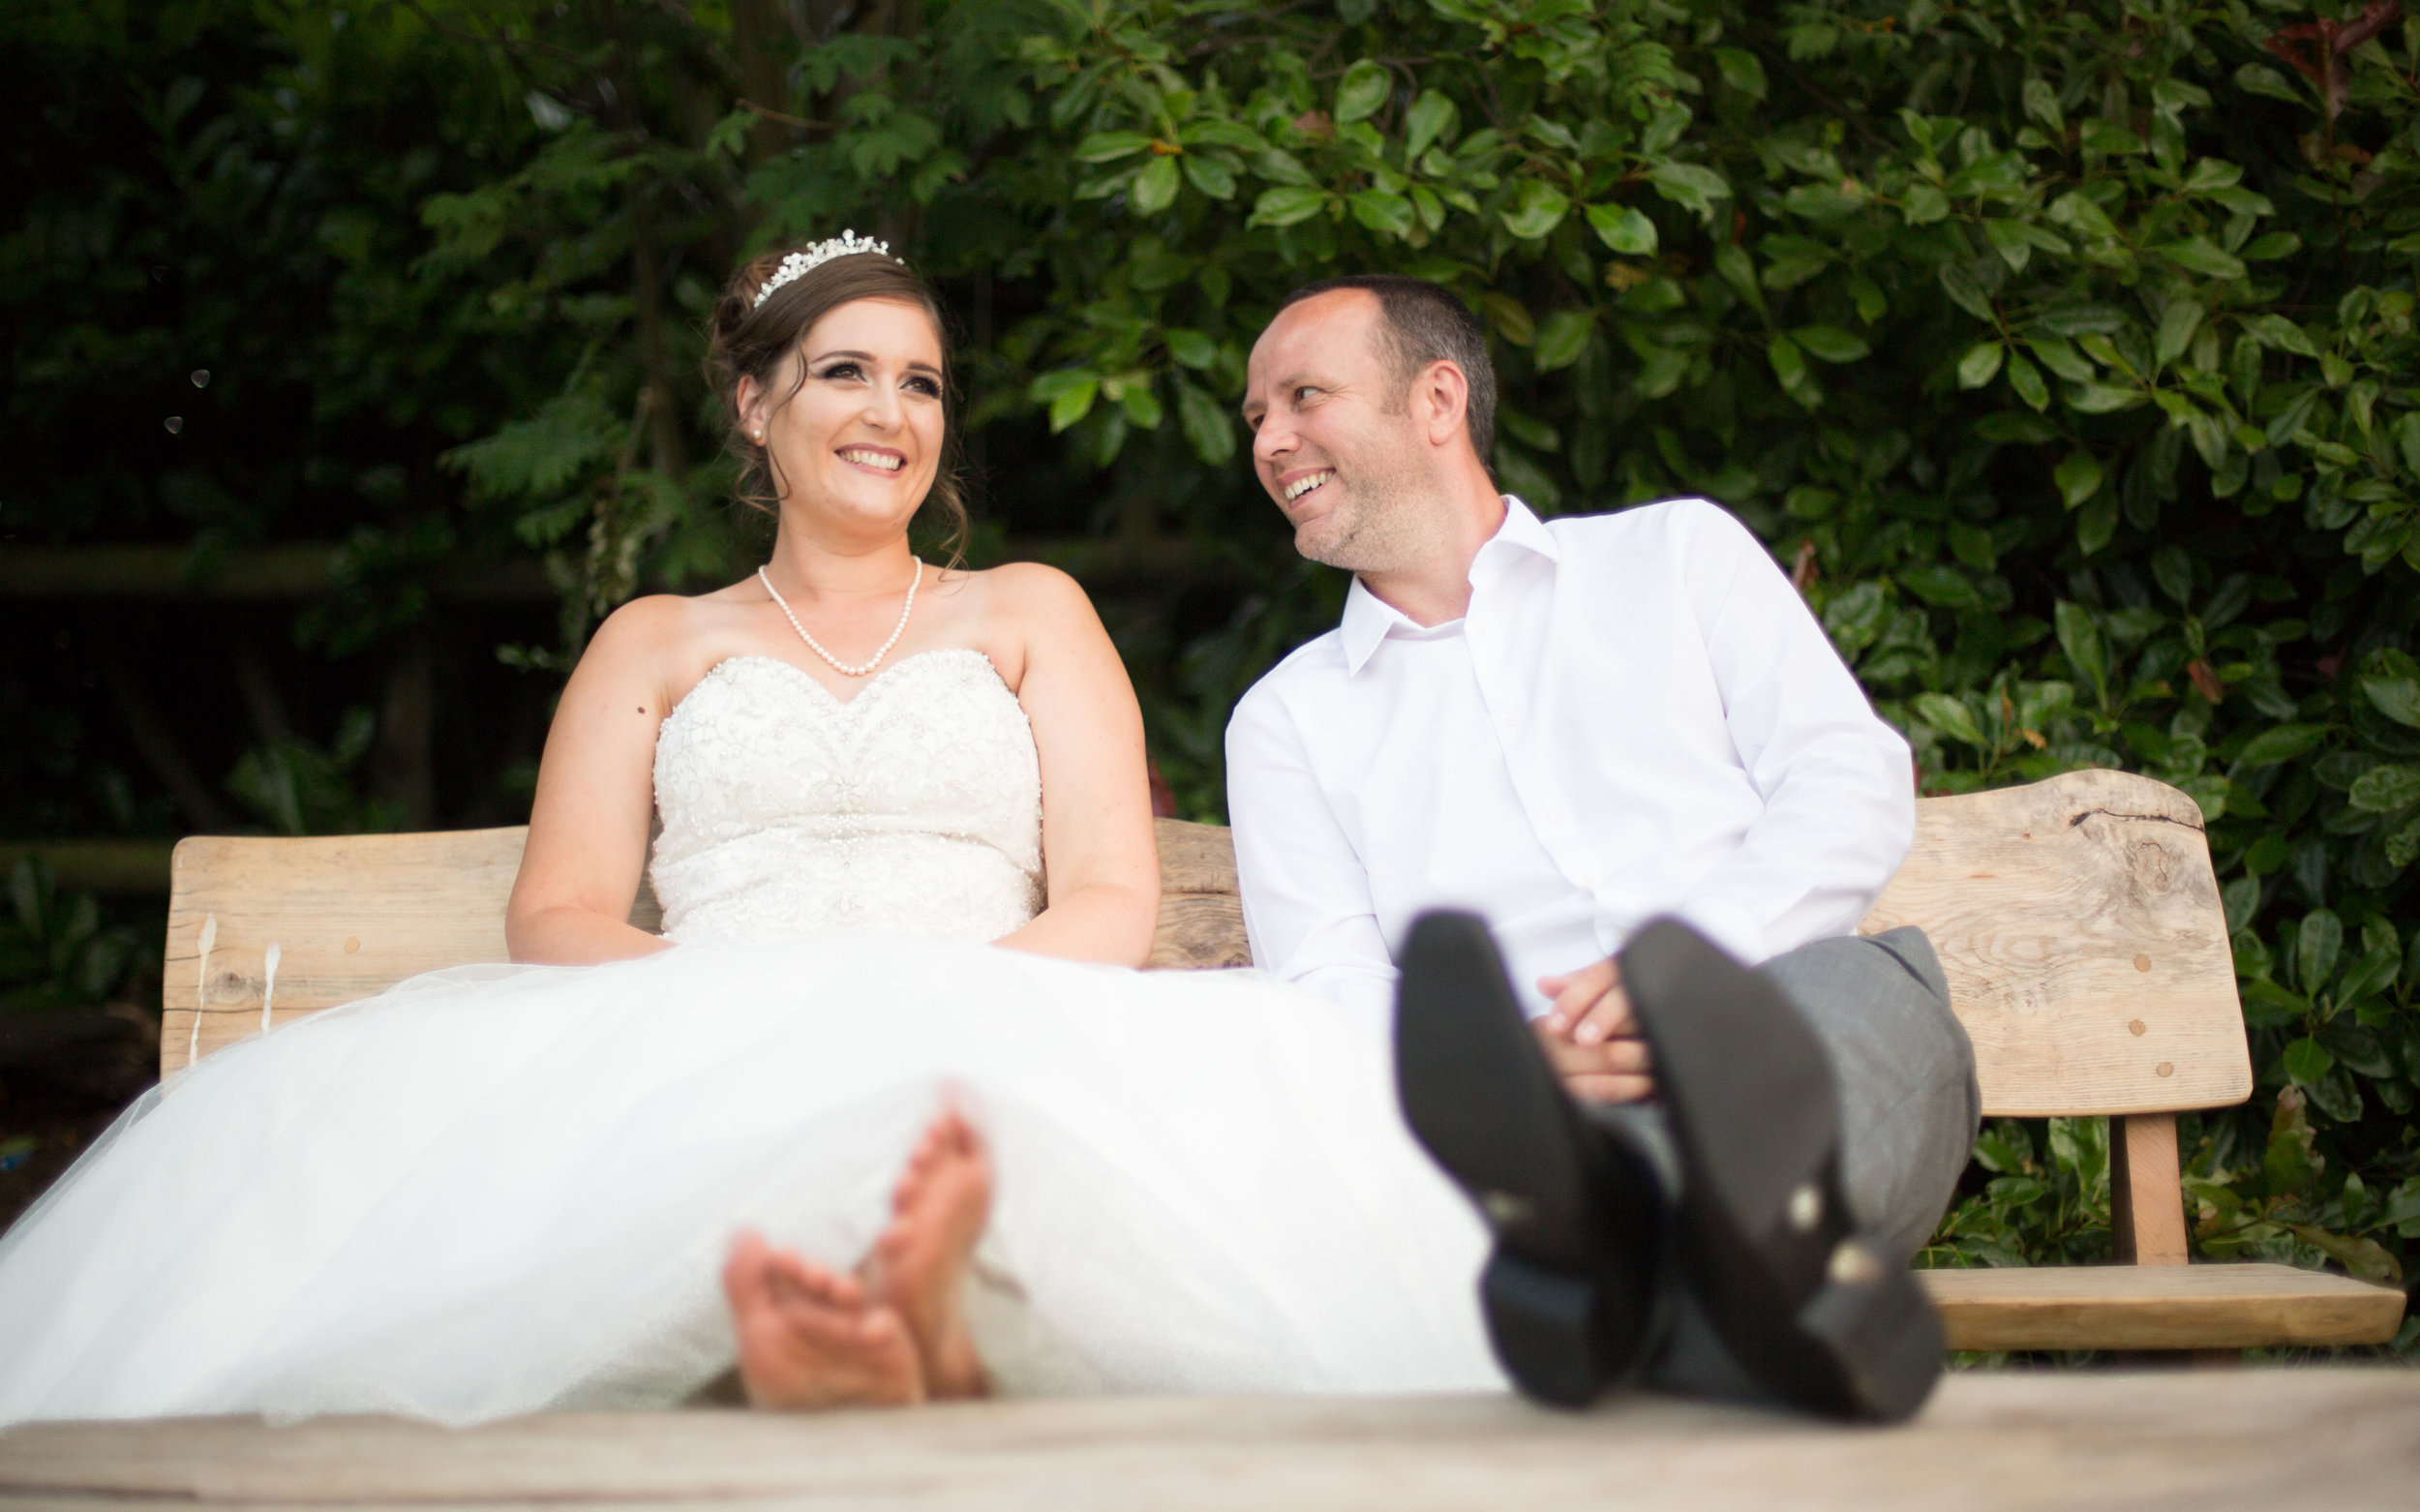 HamptonCourt-Wedding-Weybridge-Surrey-London-OatlandsParkHotel-45